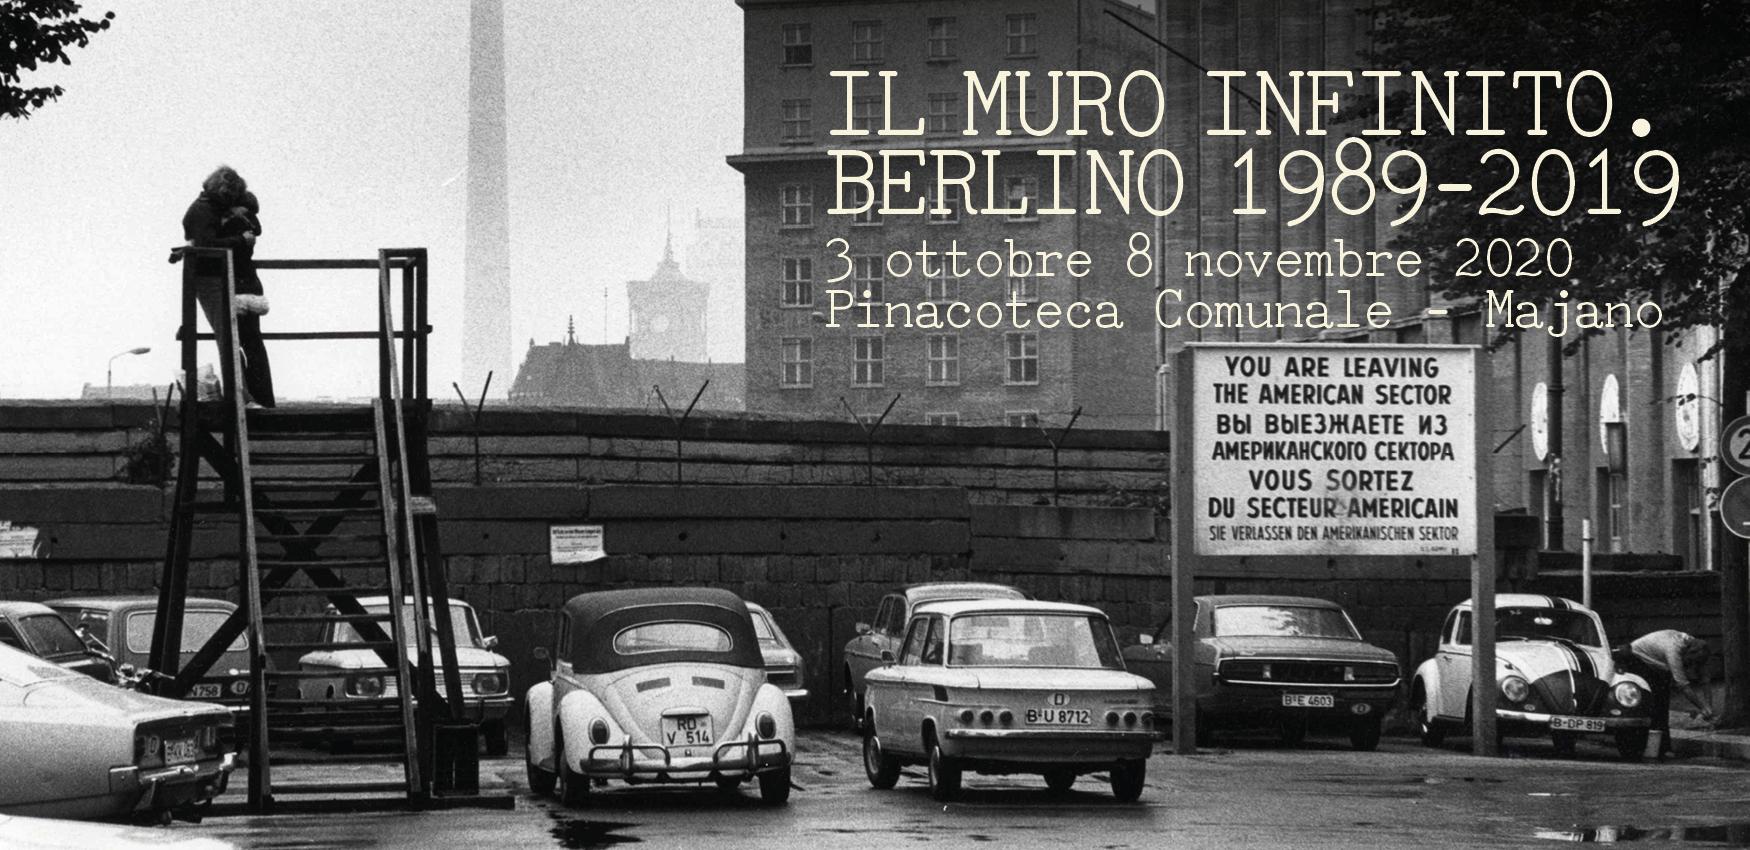 Il muro infinito, Berlino 1989-2019